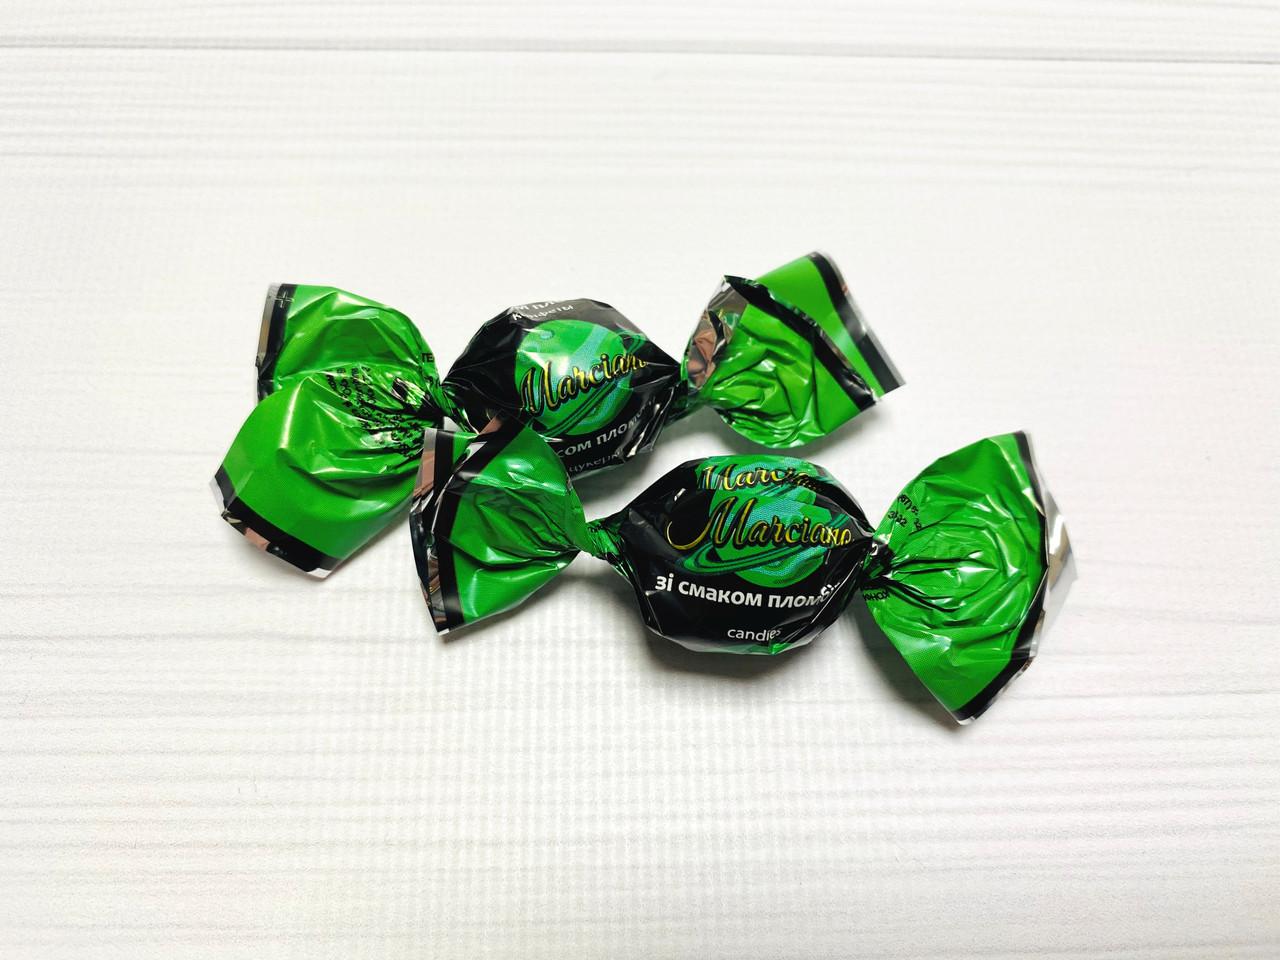 Конфеты Марсиано пломбир 1,5 кг. ТМ БАЛУ